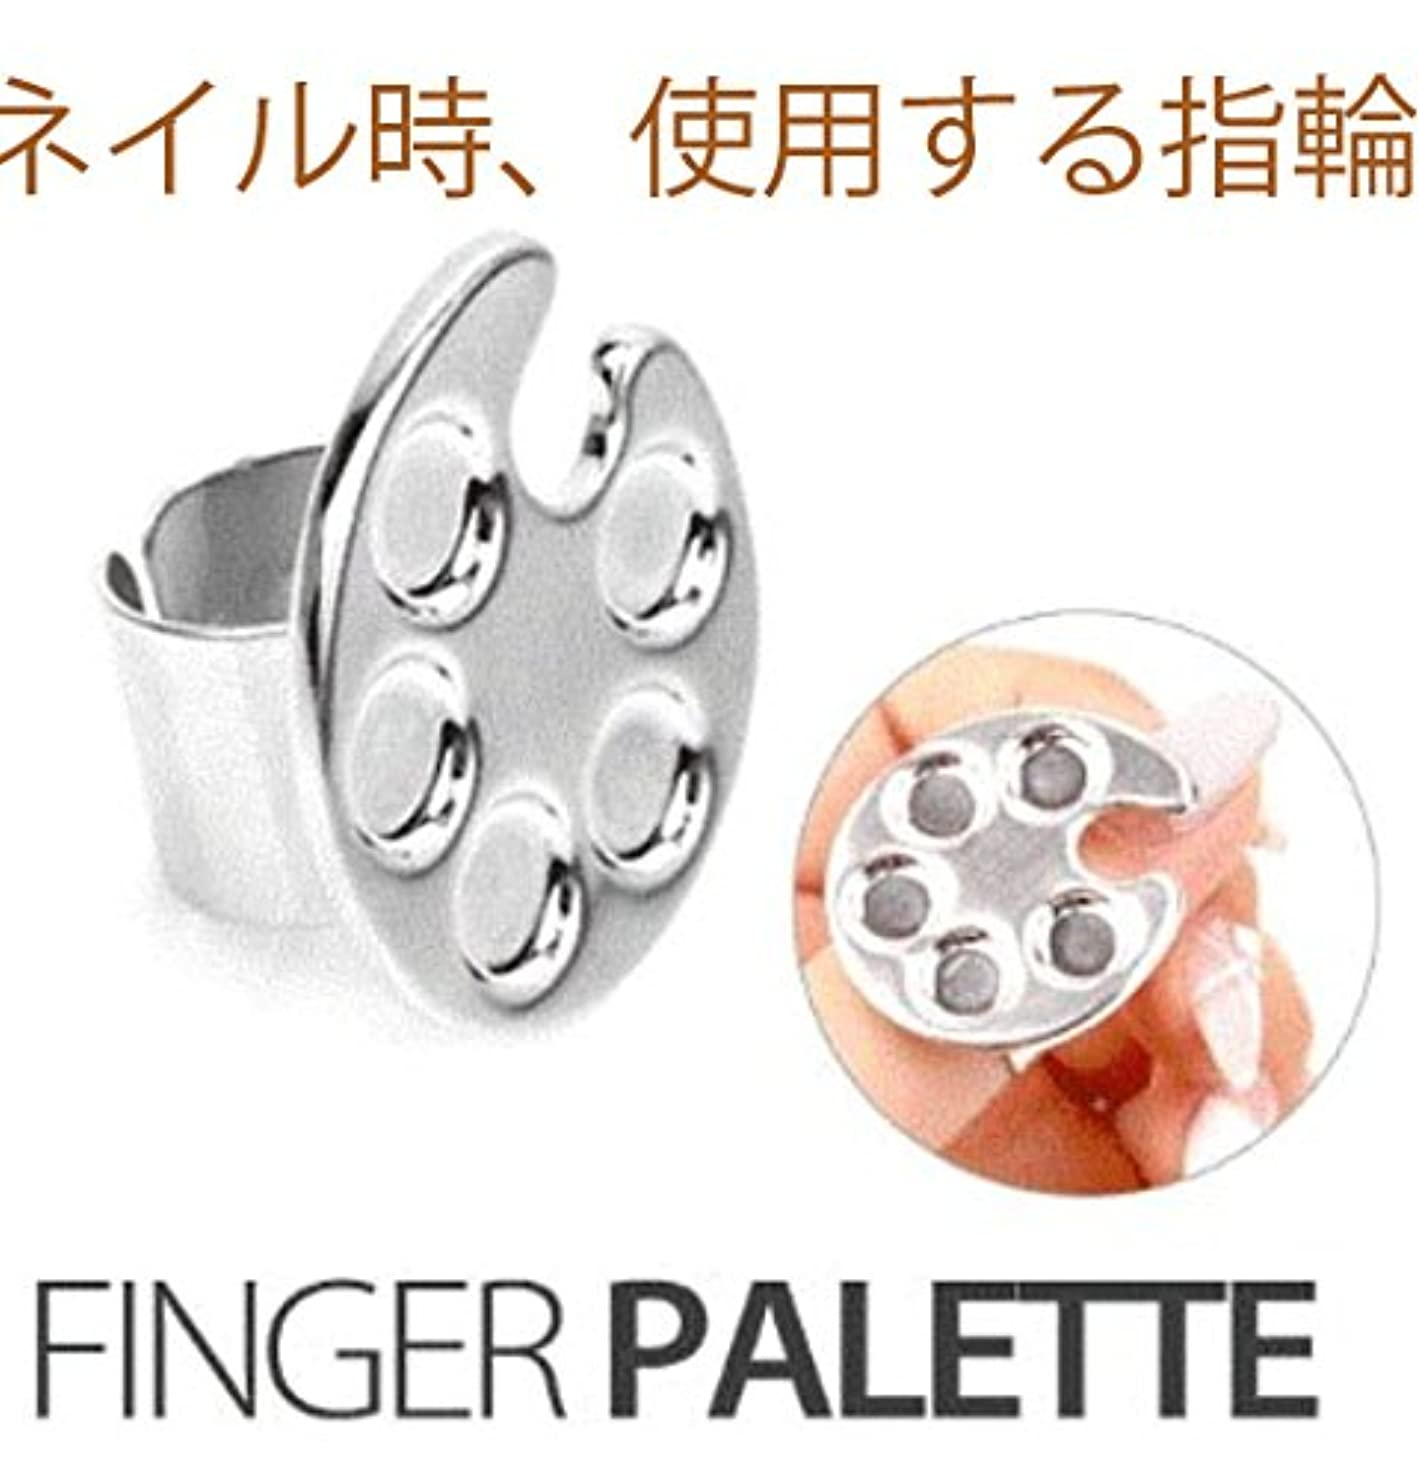 ローンラリーベルモント全体ネイルアートが楽になる、、ネイル時、使用する可愛いパレット指輪